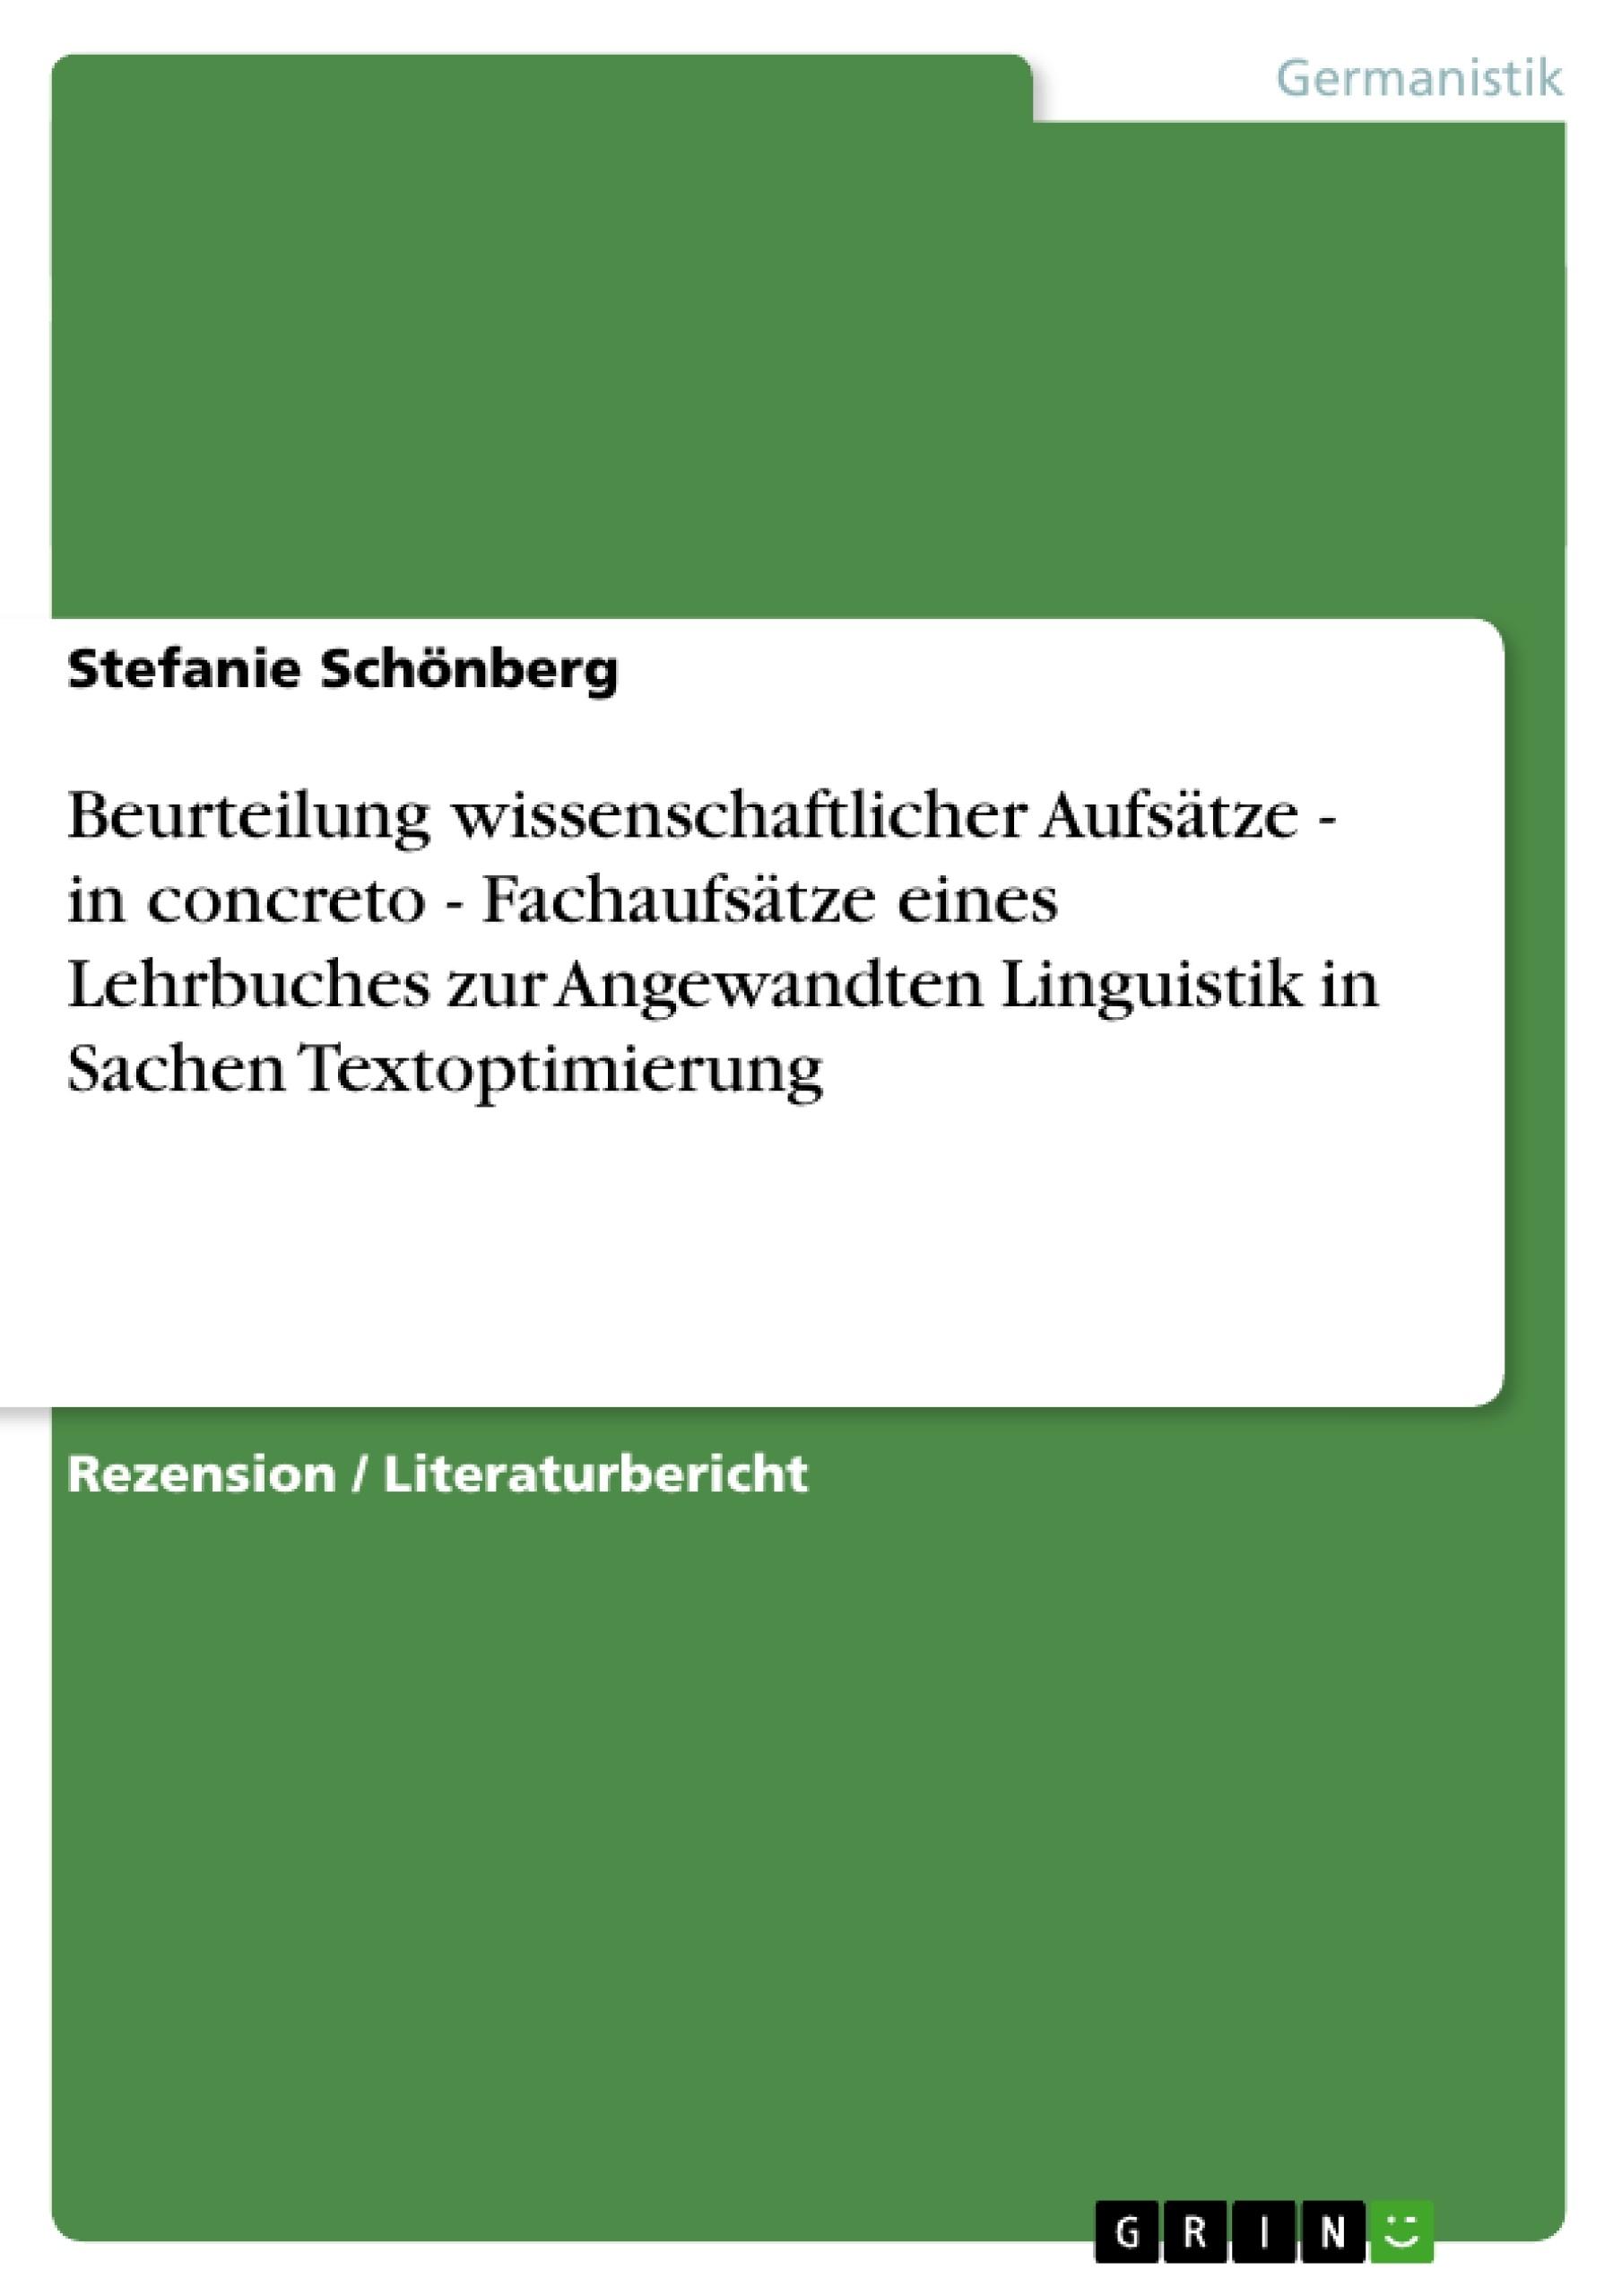 Titel: Beurteilung wissenschaftlicher Aufsätze - in concreto - Fachaufsätze eines Lehrbuches zur Angewandten Linguistik in Sachen Textoptimierung